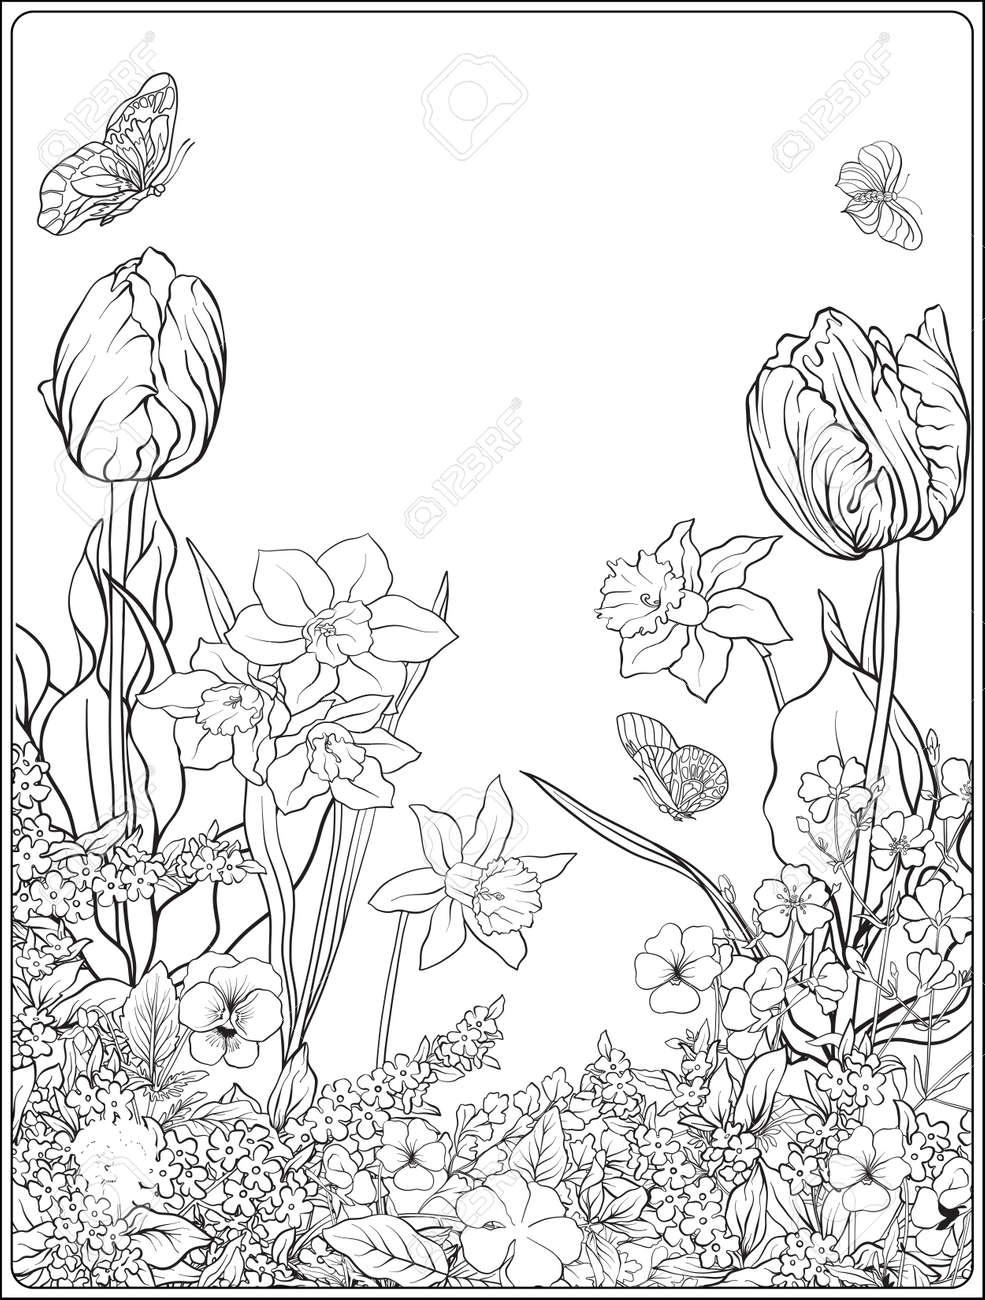 Zusammensetzung Mit Fruhlingsblumen Tulpen Narzissen Veilchen